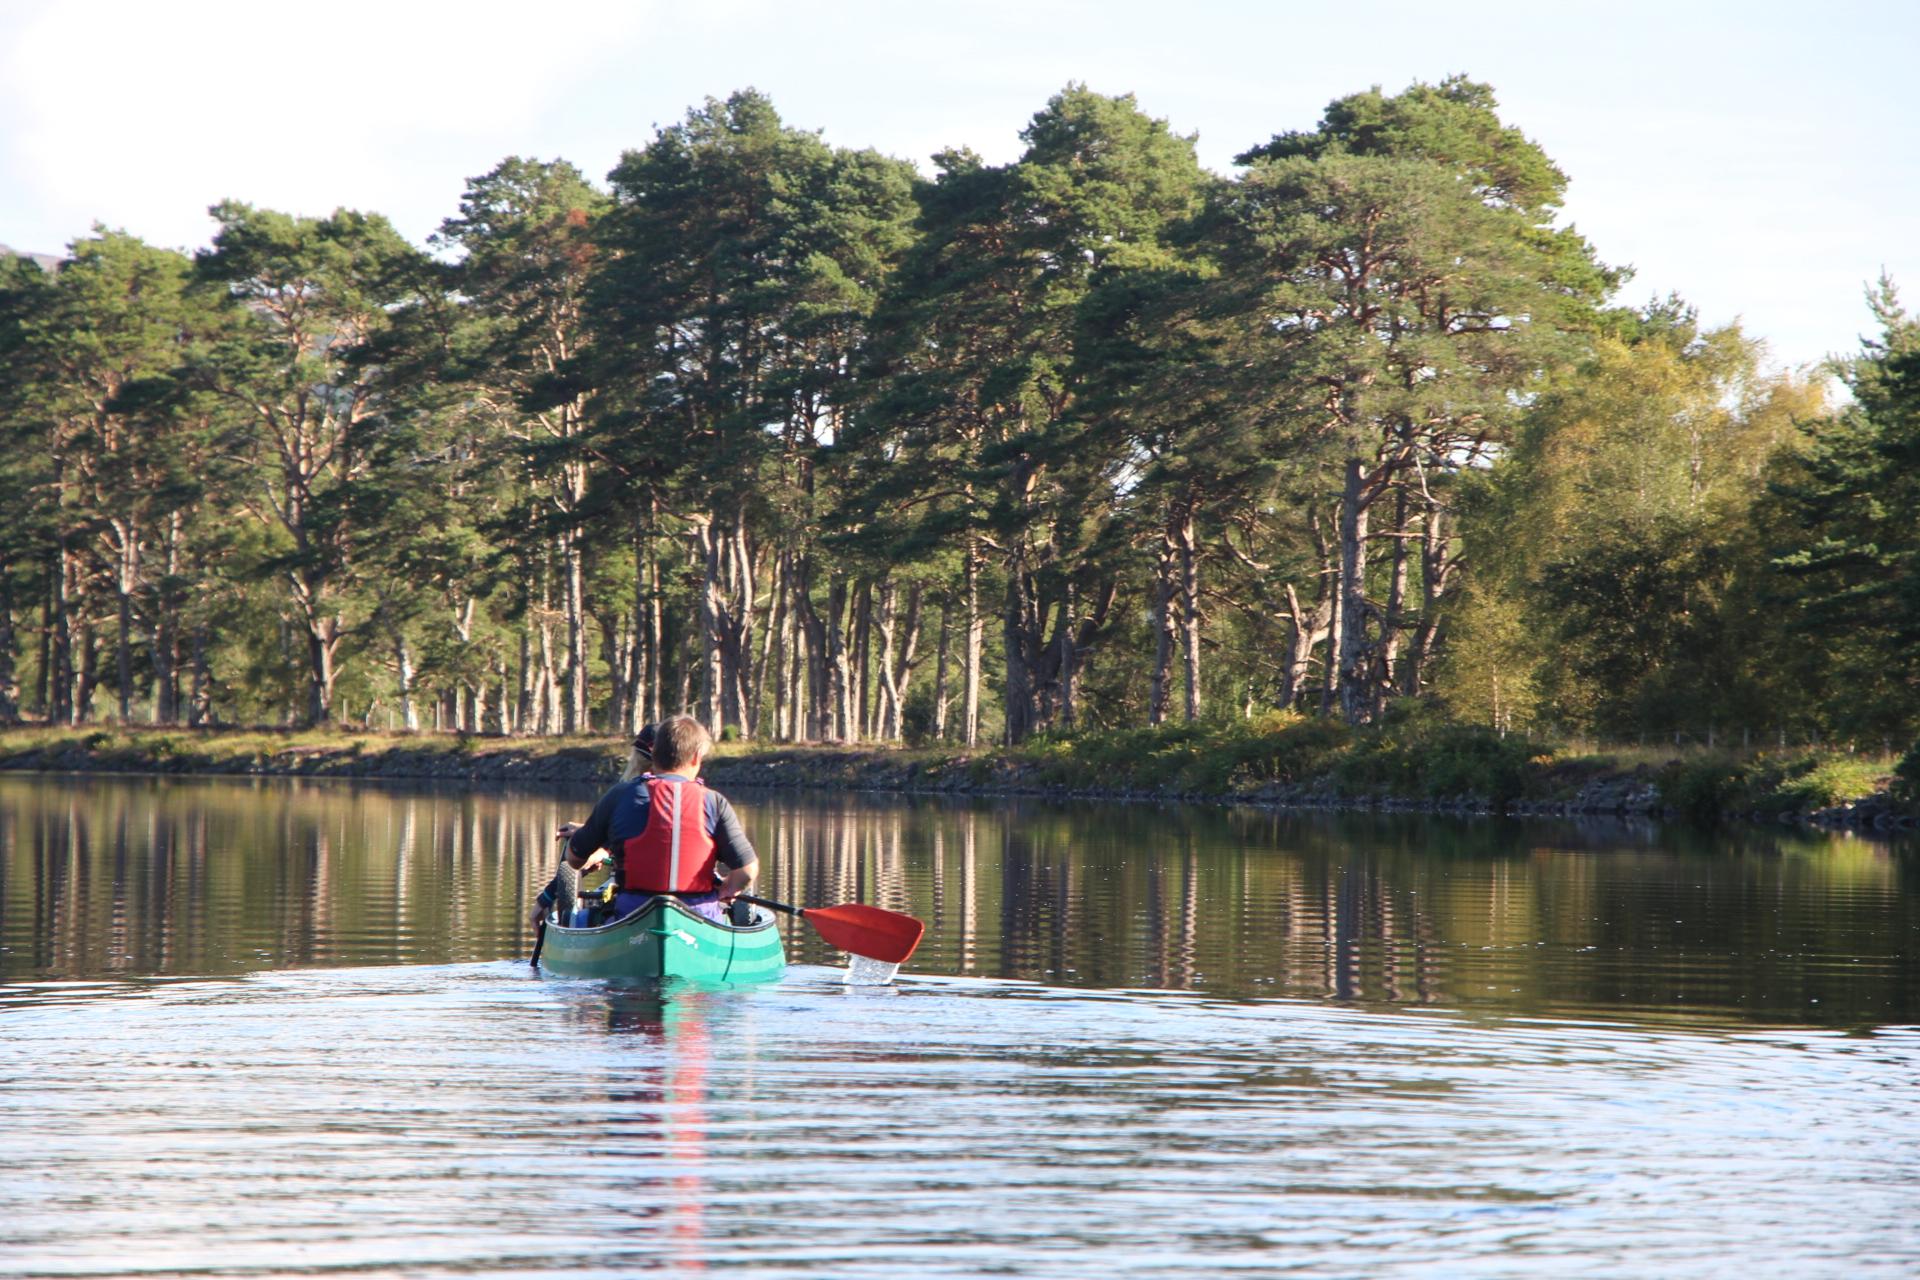 Canoe-scotlands-great-glen-easter-adventure